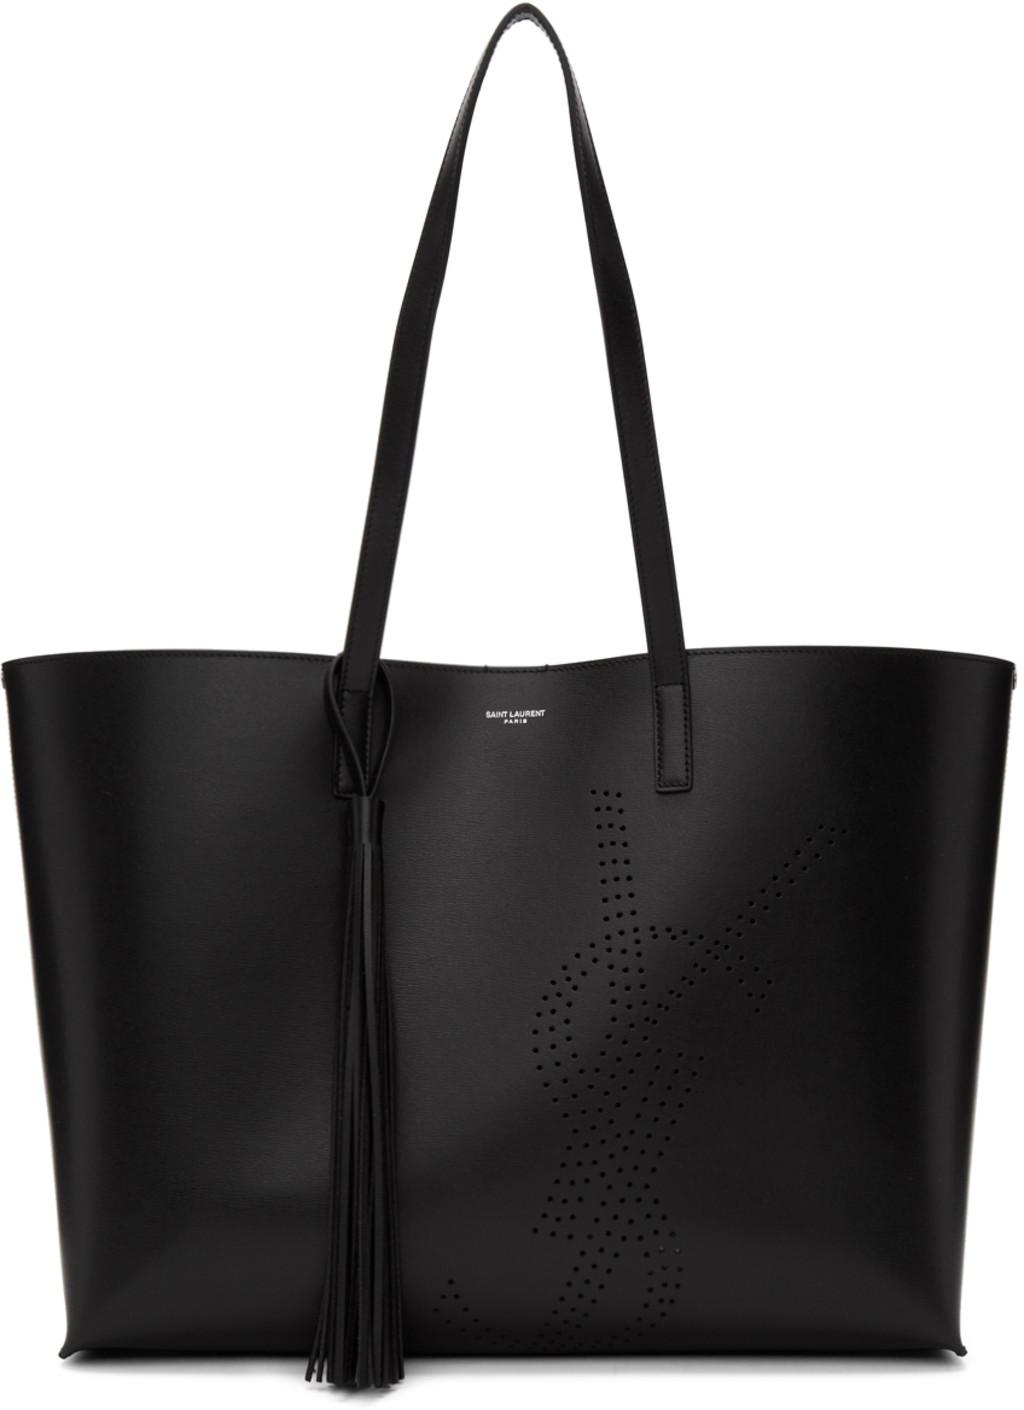 Saint Laurent tote bags for Women   SSENSE cc2d9d2ac1